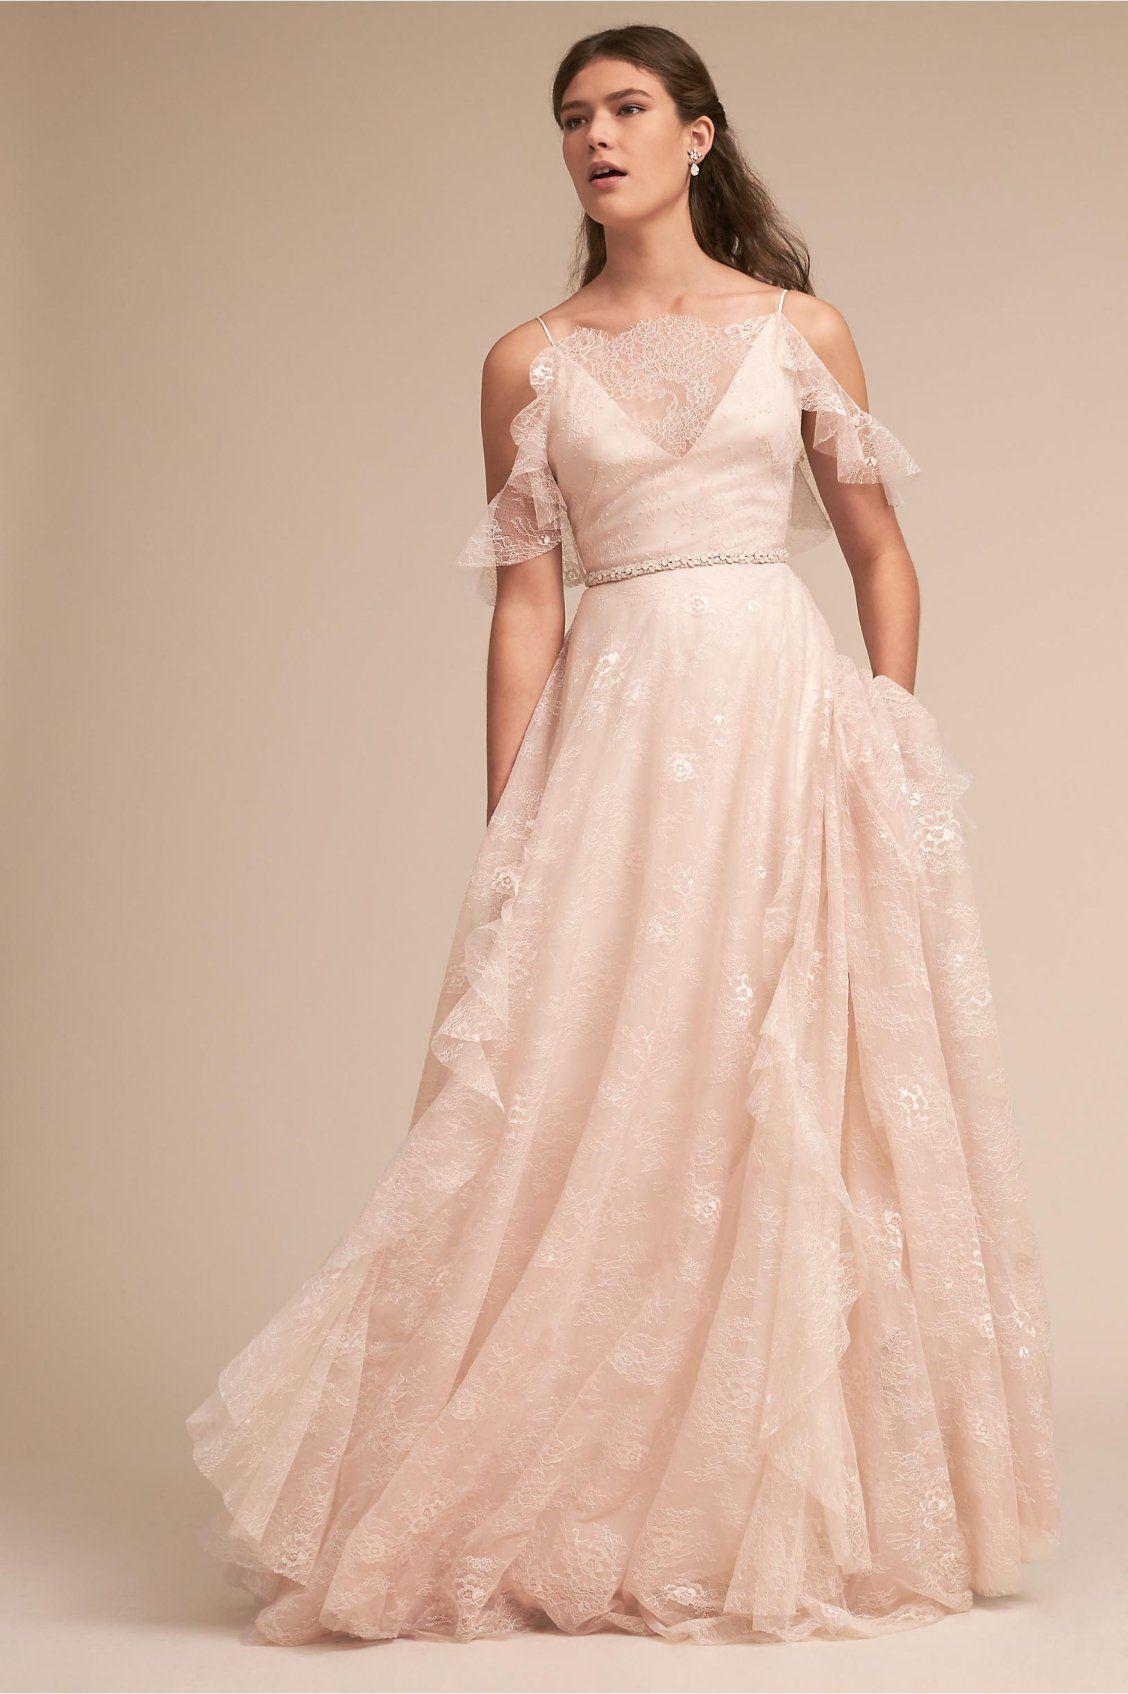 Ava Gown From Bhldn Blush Wedding Ideas Wedding Dresses Wedding